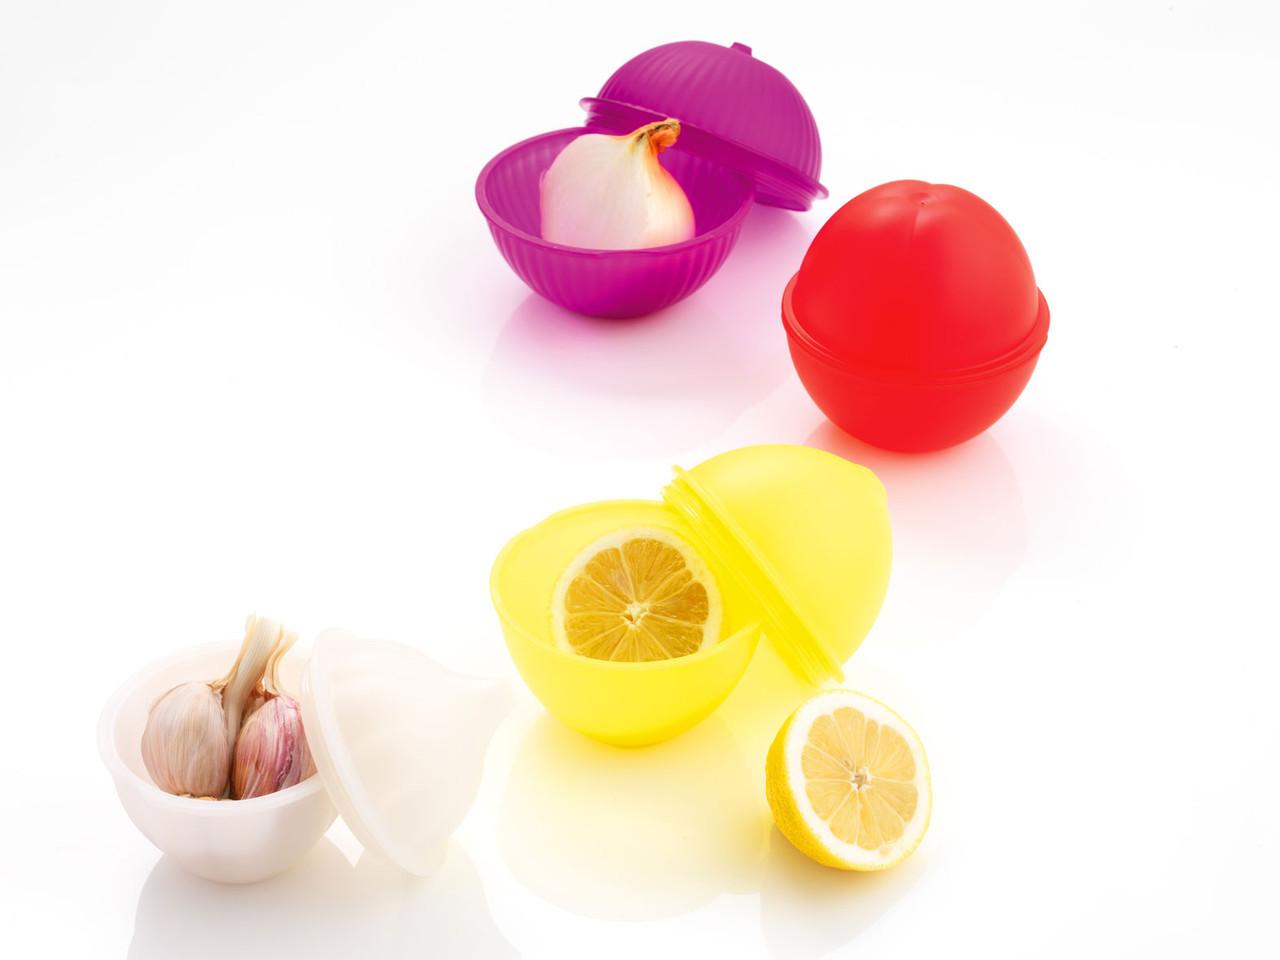 Емкости Mastrad для хранения (чеснок, лимон, лук, помидоры...) -набор из 4 шт, цв.в асс F91354